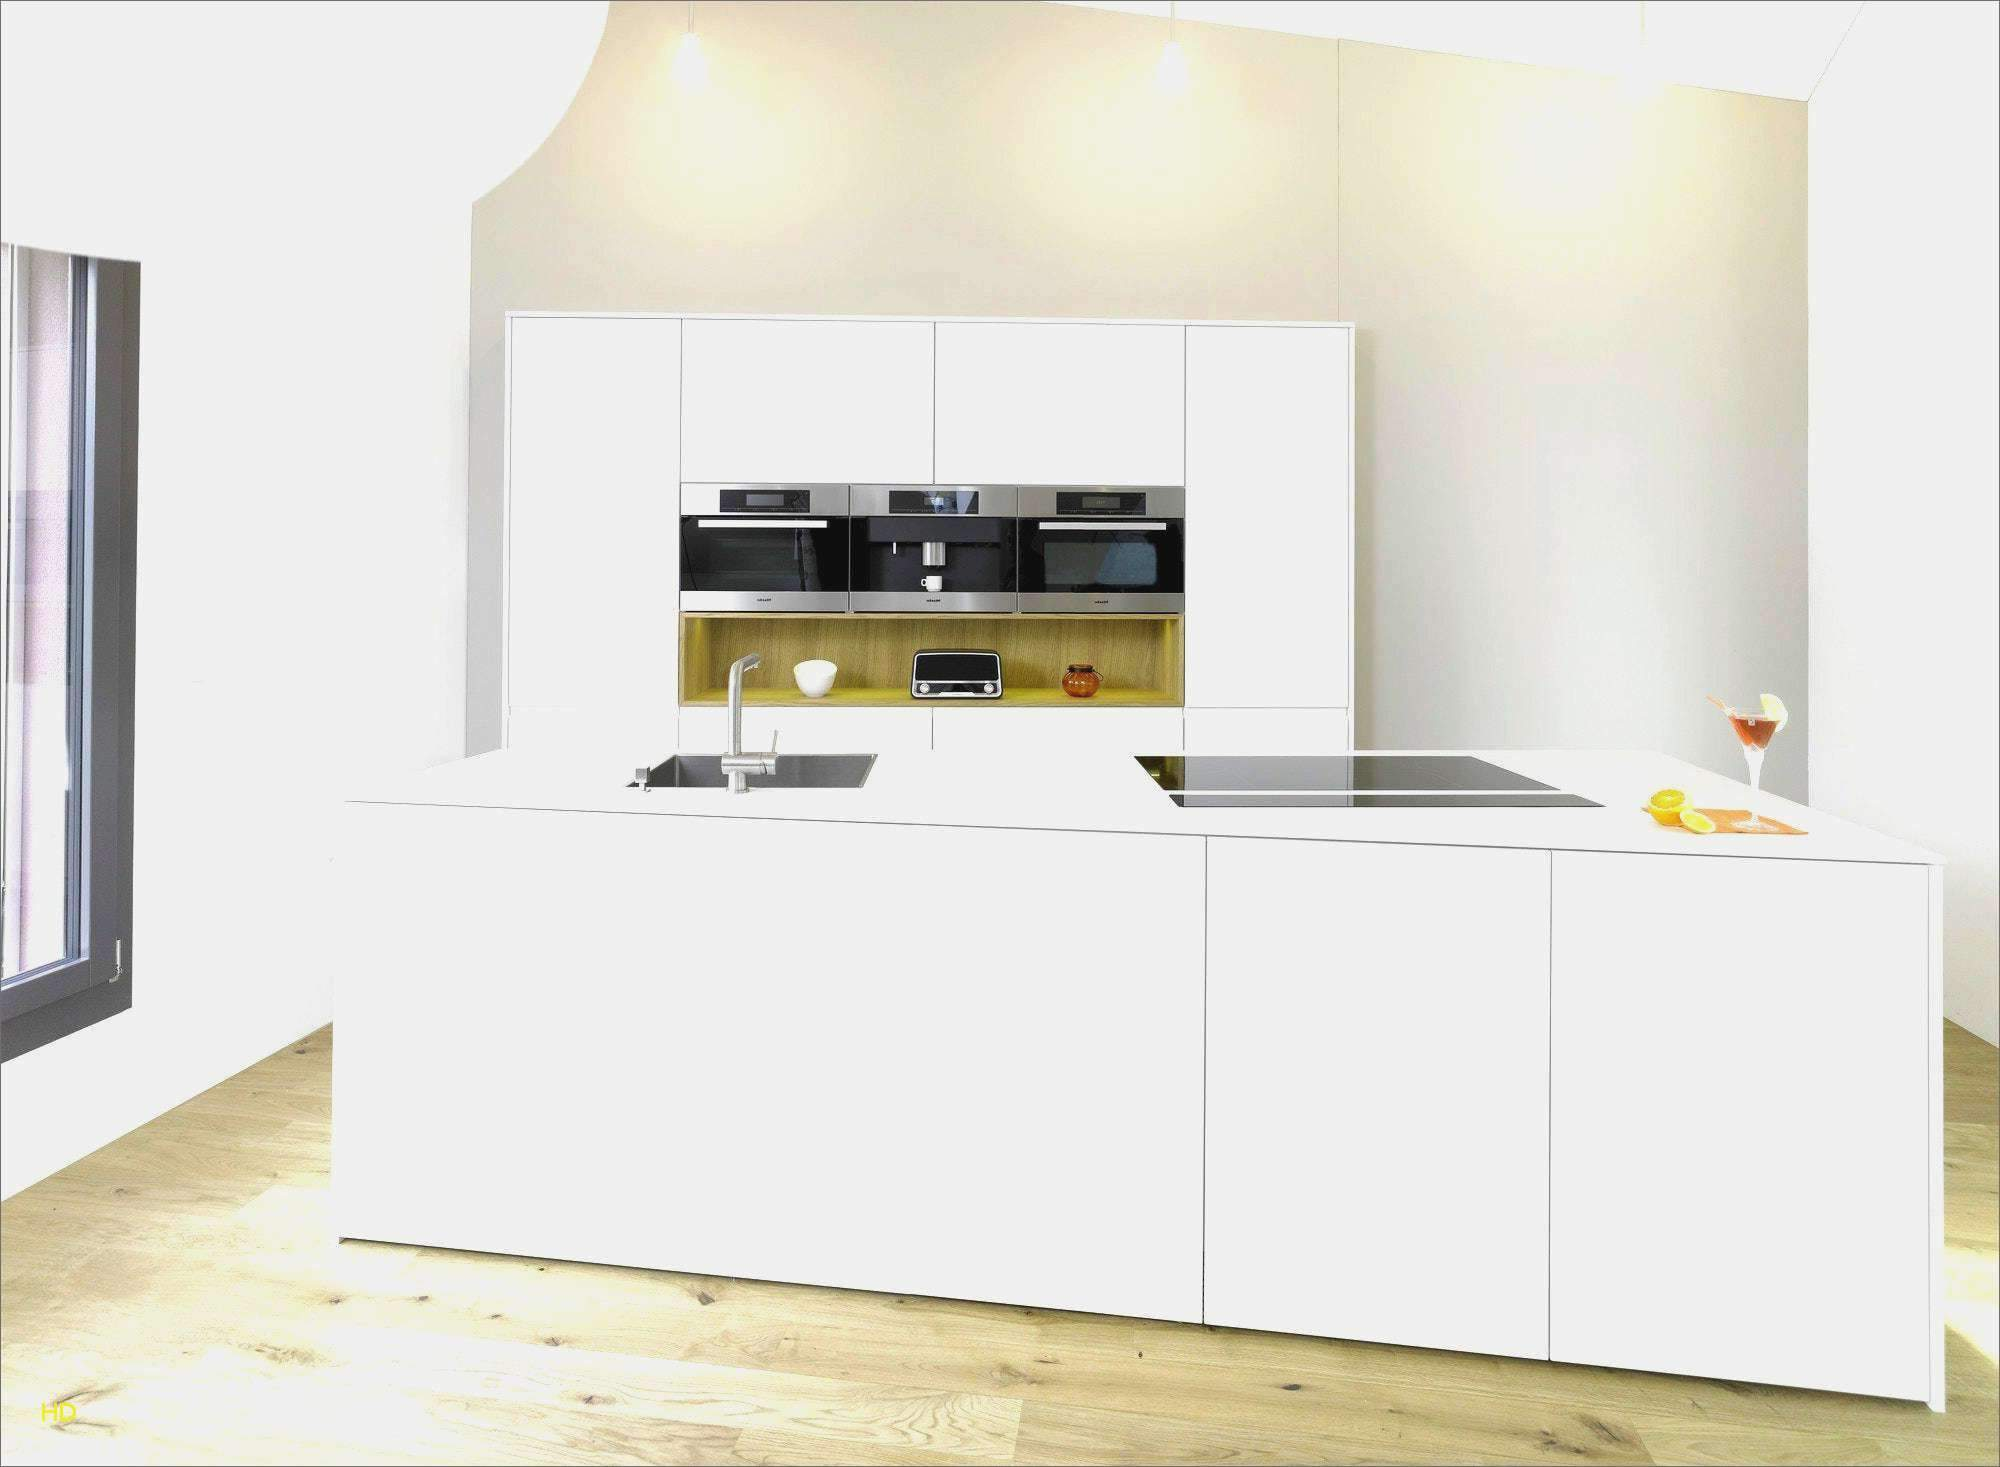 Full Size of Ikea Aufbewahrung Küche Wohnzimmer Inspirierend Kche Landhaus Einbauküche Ohne Kühlschrank Hochglanz Inselküche Schwarze Salamander Wasserhahn Wohnzimmer Ikea Aufbewahrung Küche